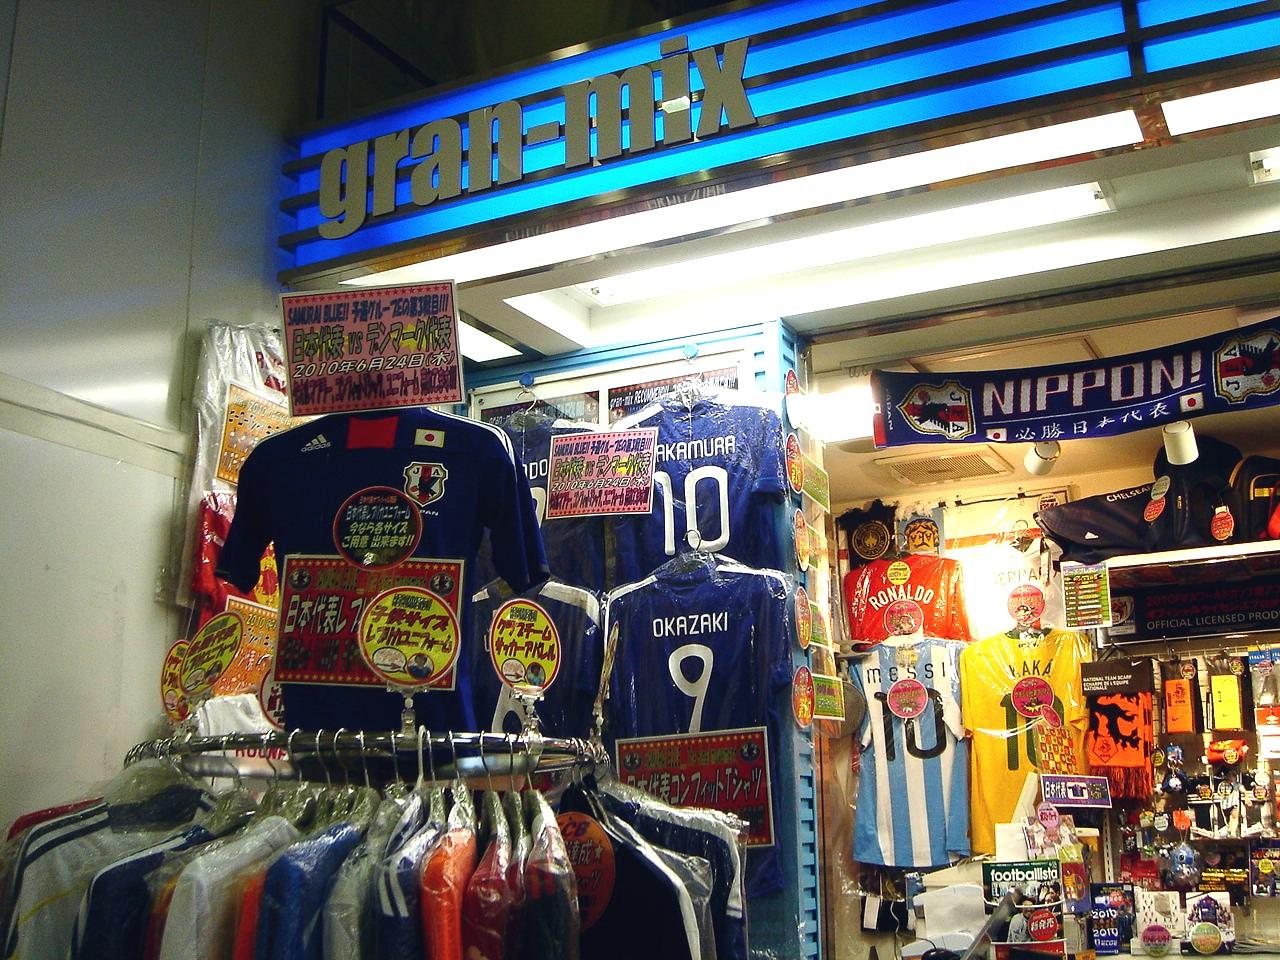 東京ベイ船橋ビビット2010Part1                vivit2010